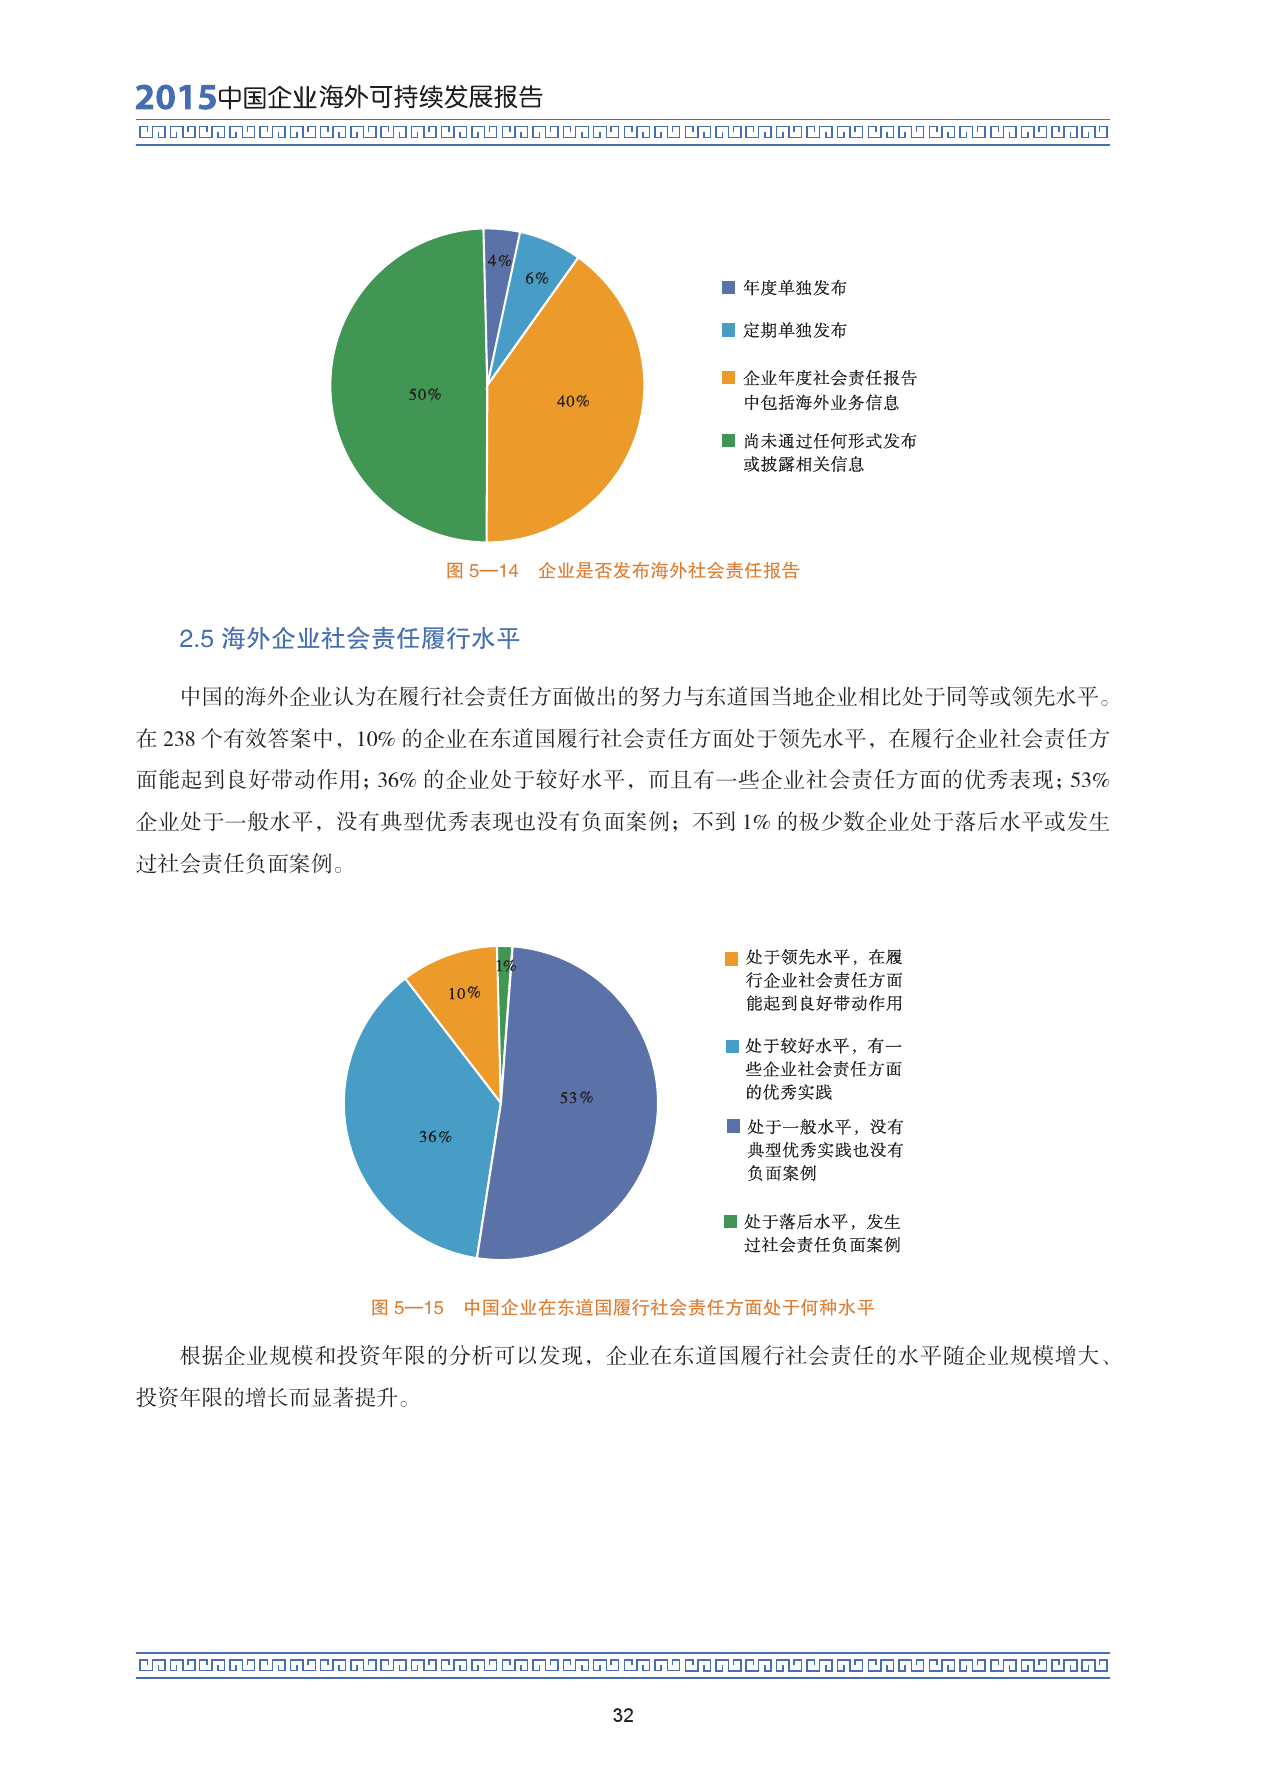 2015中国企业海外可持续发展报告_000046